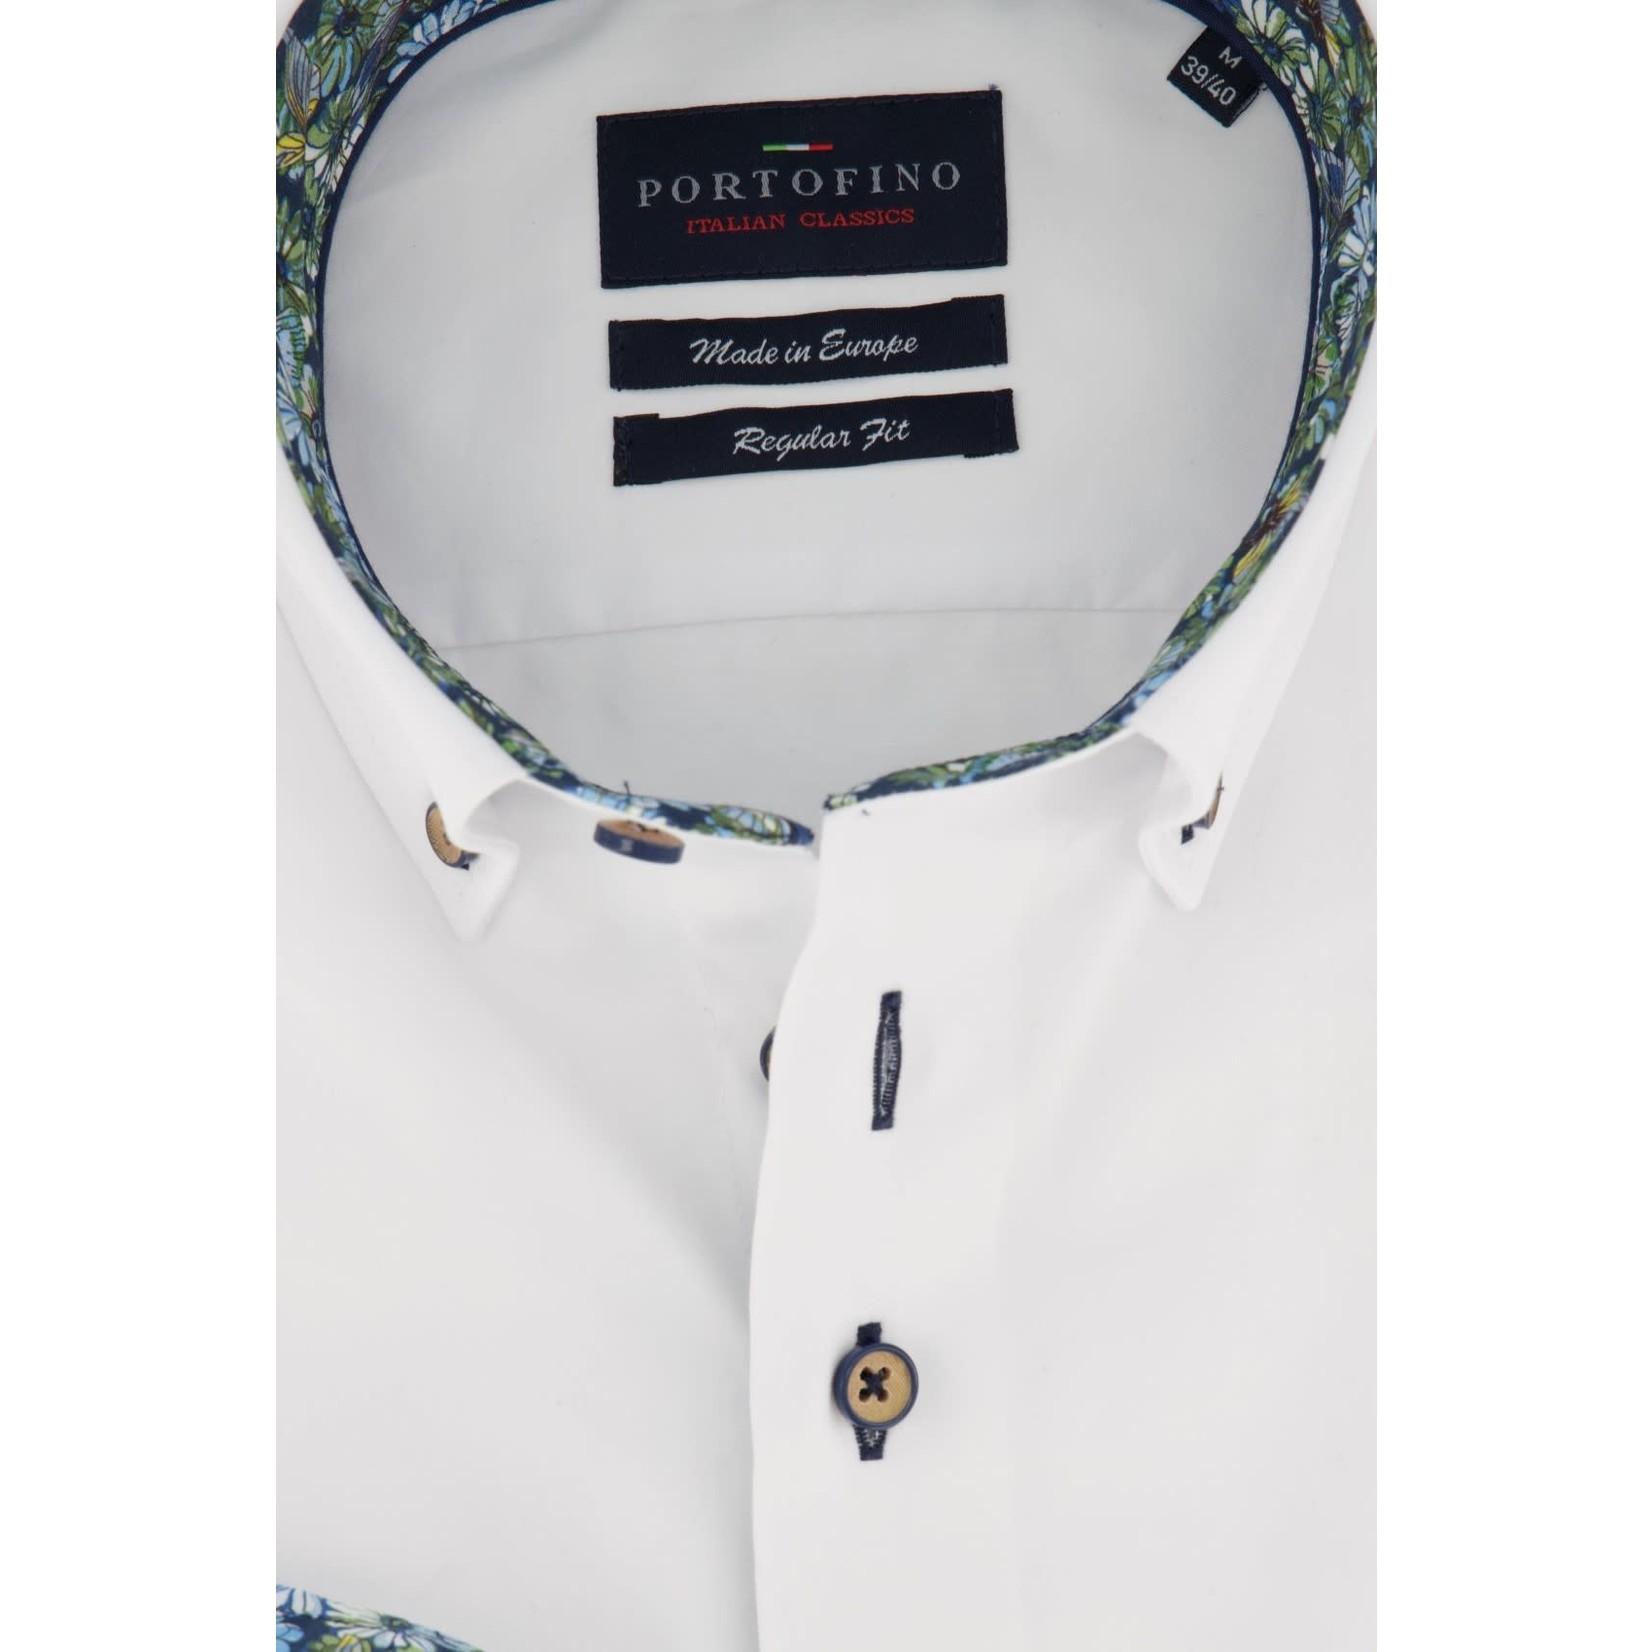 Portofino overhemd regular fit wit